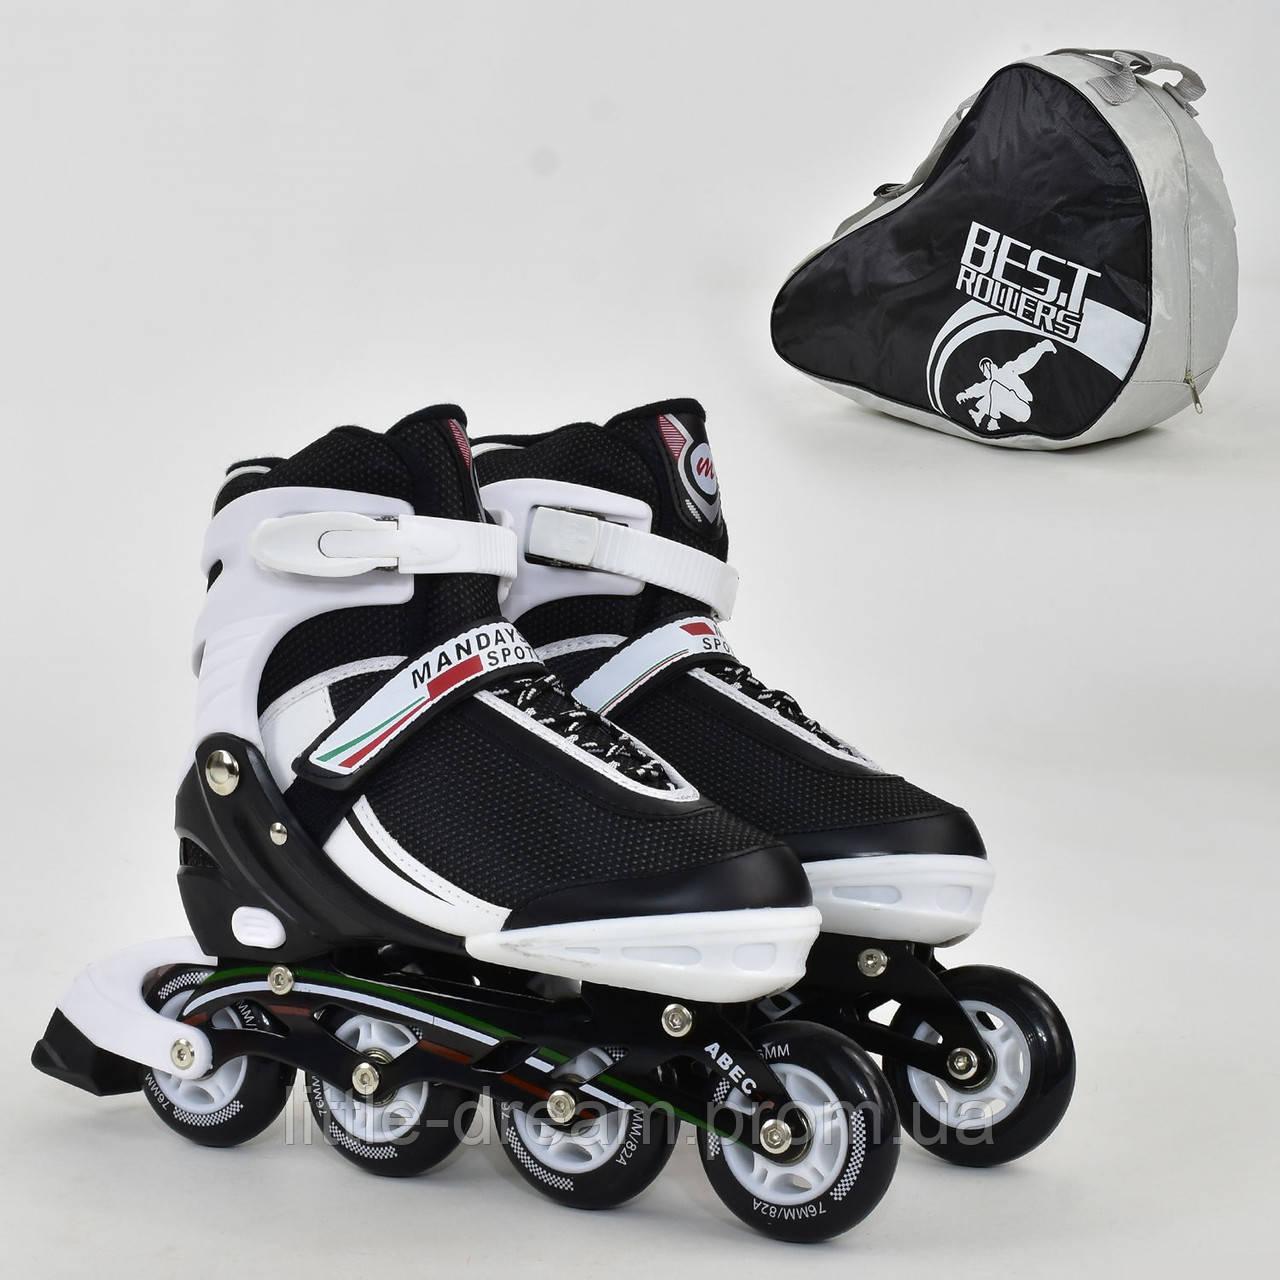 """Ролики 9003 """"L"""" Best Roller бело-черные (размер 39-42), колёса PU, без света, в сумке, d=7.6 см"""